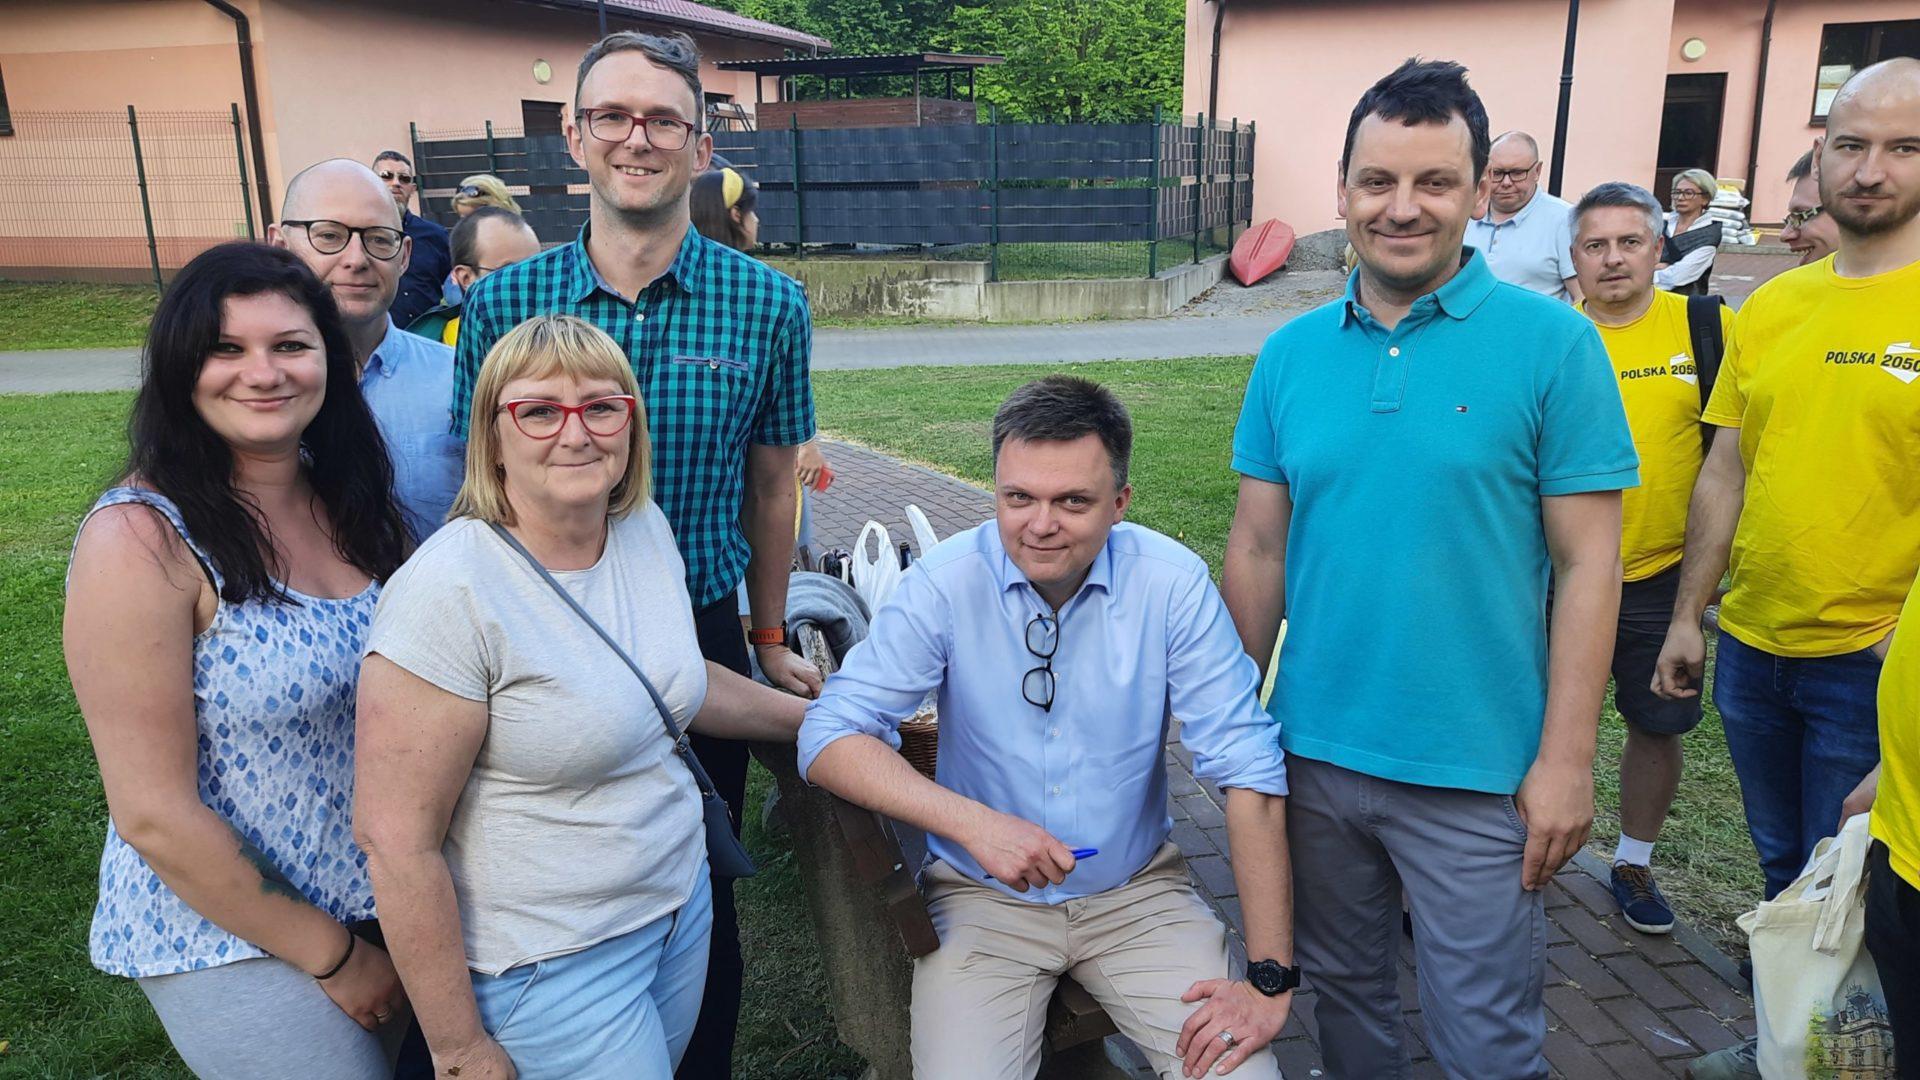 Wiceprezydent Masłowski w Polska 2050- wywiad